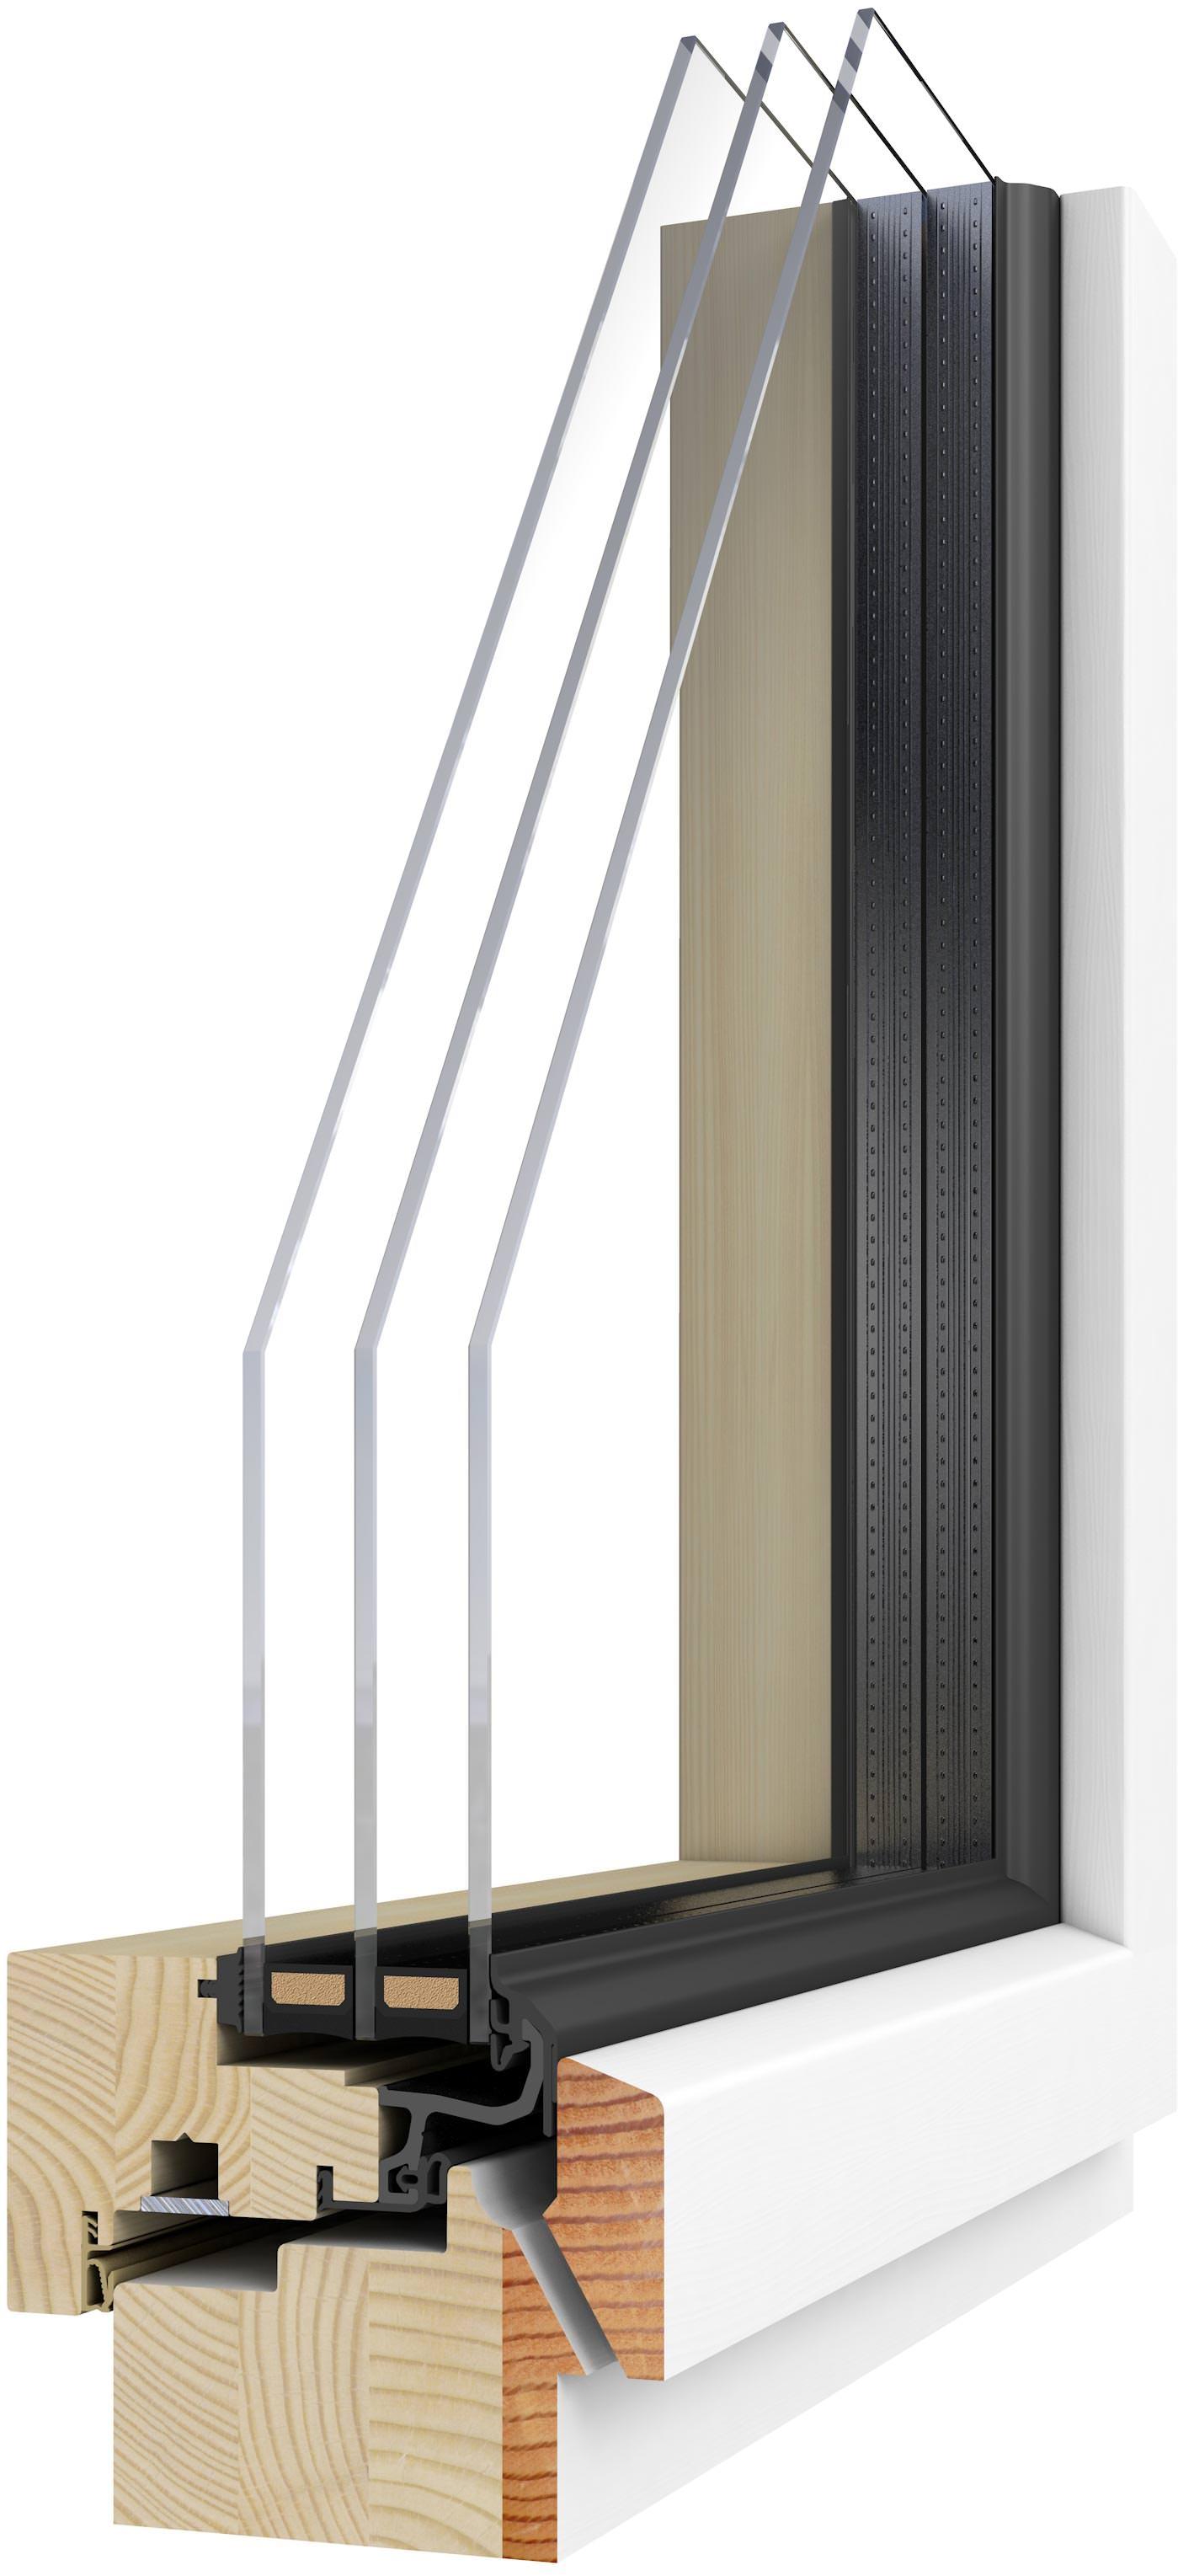 slimline holzfenster aus modifiziertem holz accoya mit extrem schlanker rahmenoptik. Black Bedroom Furniture Sets. Home Design Ideas